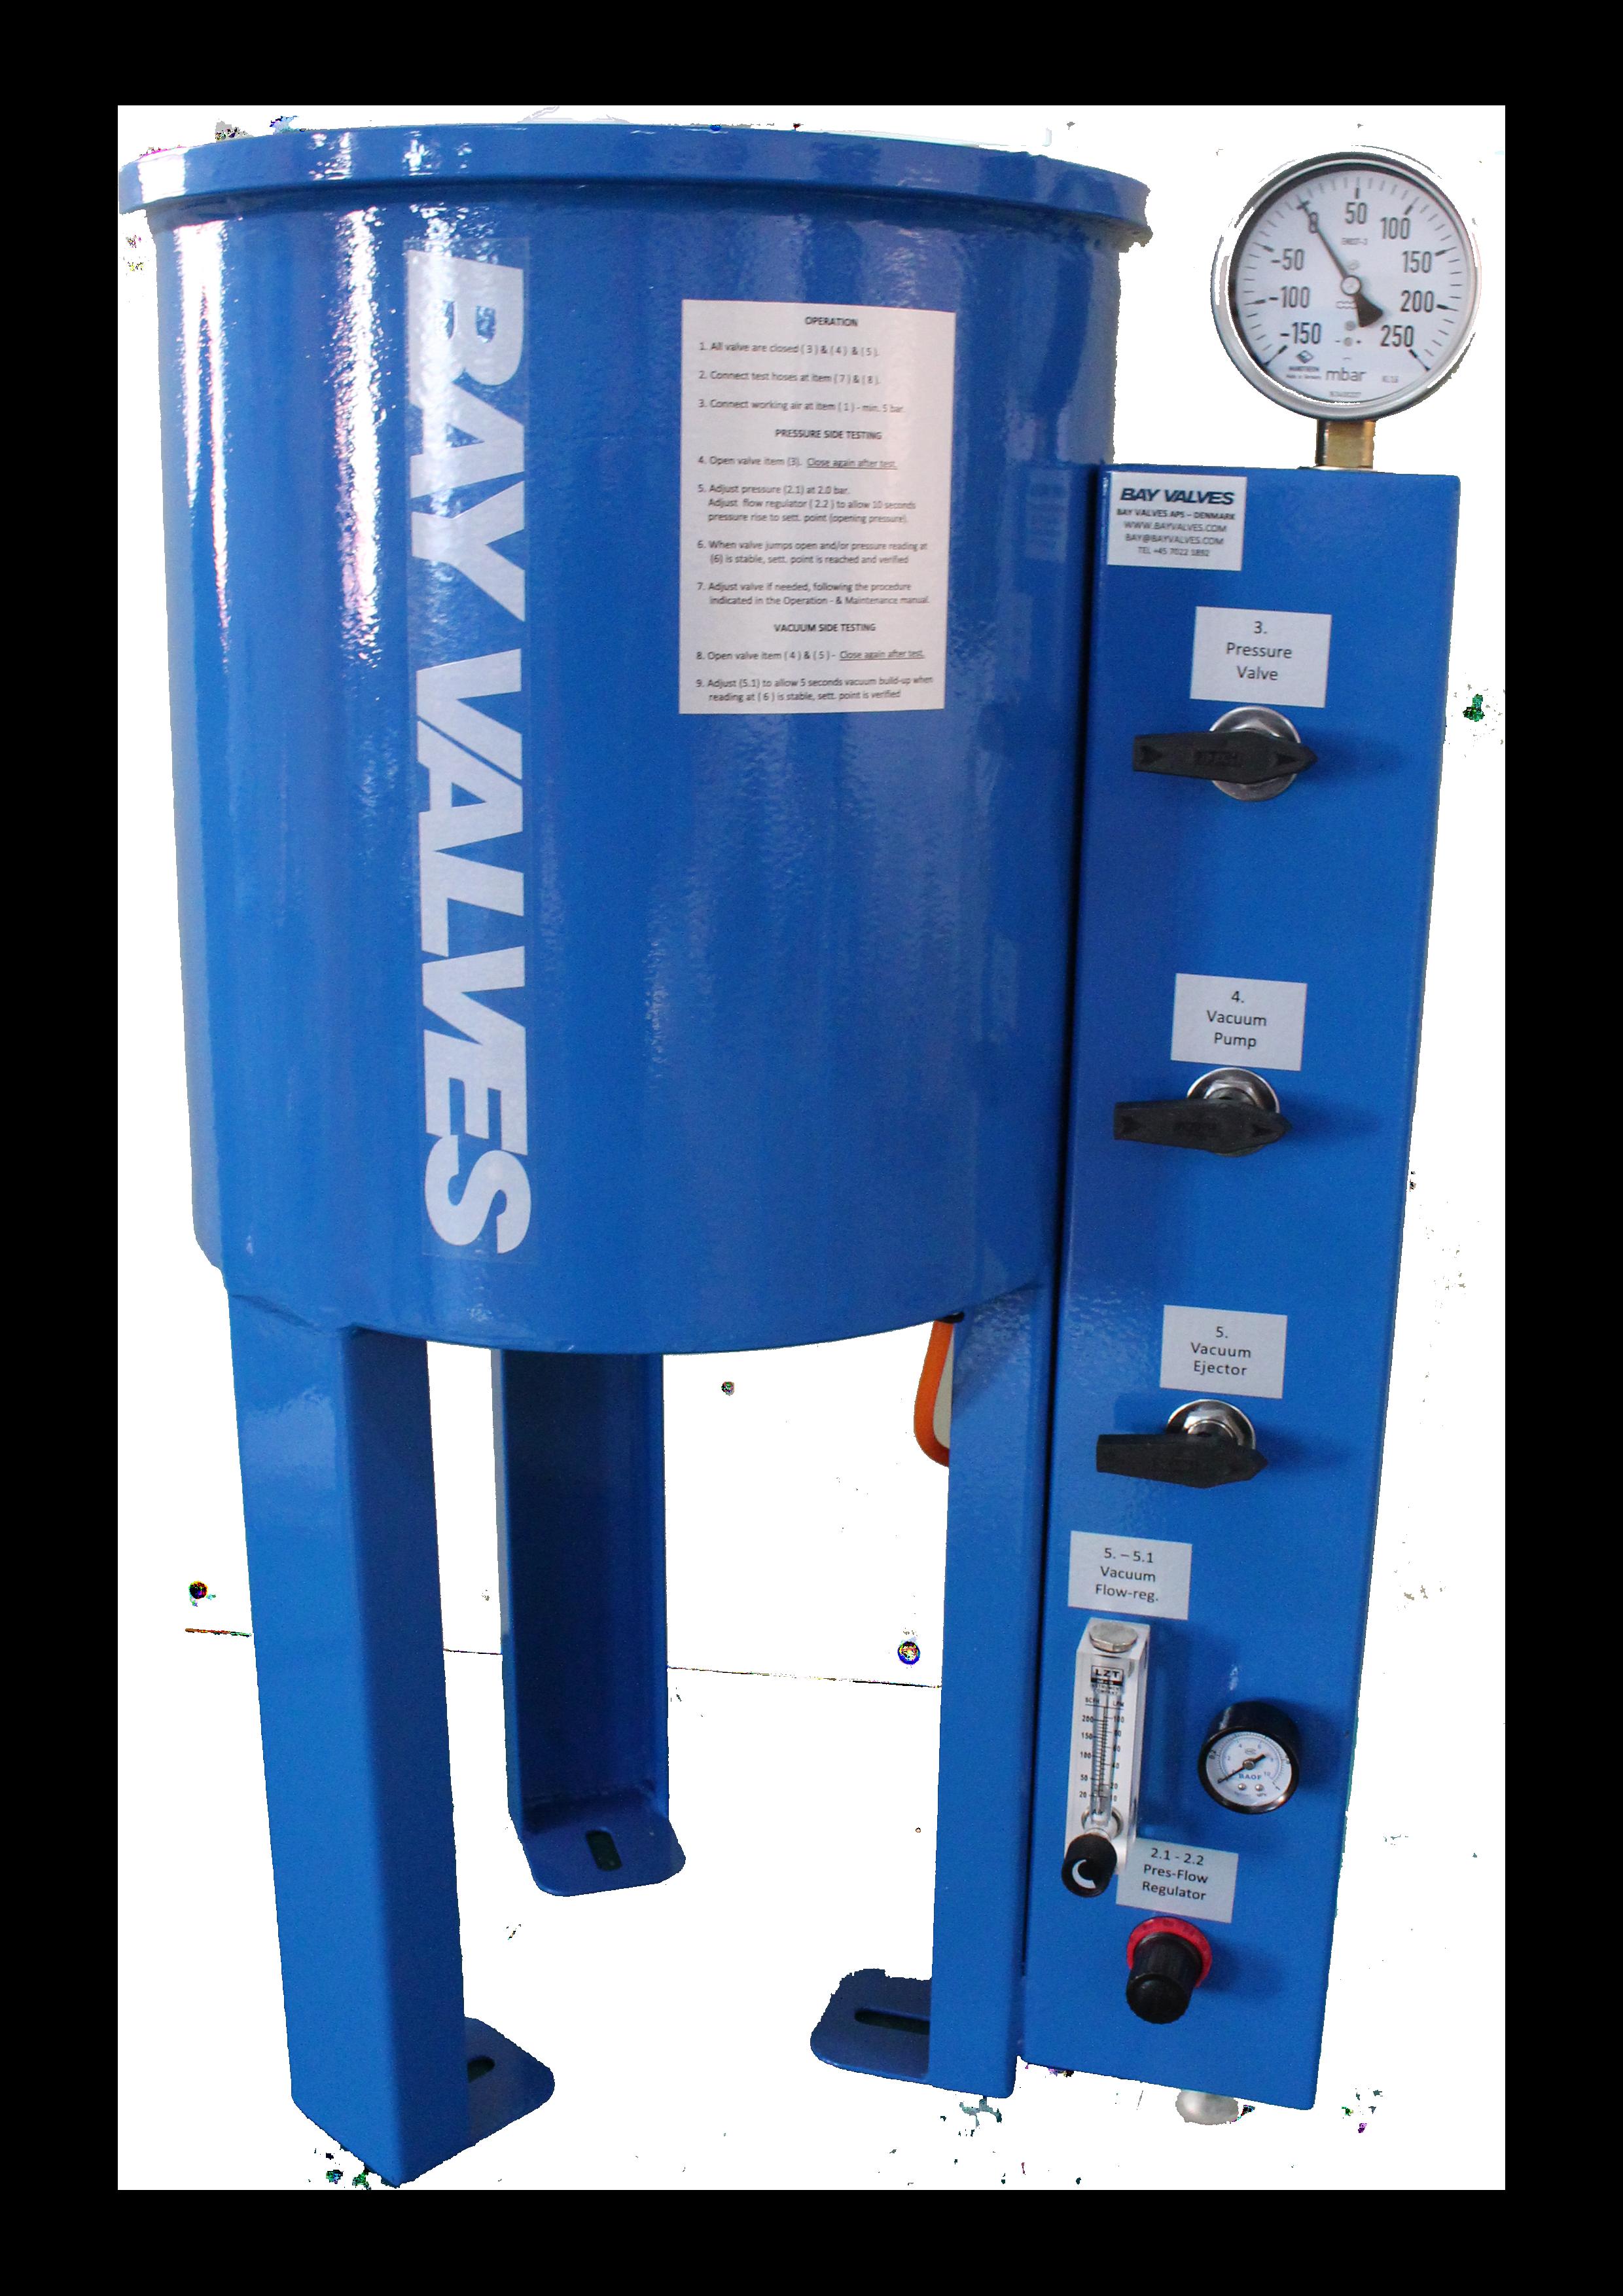 test equipment for p/v valves and high velocity valves Test Equipment for P/V valves and High Velocity valves Untitled 2